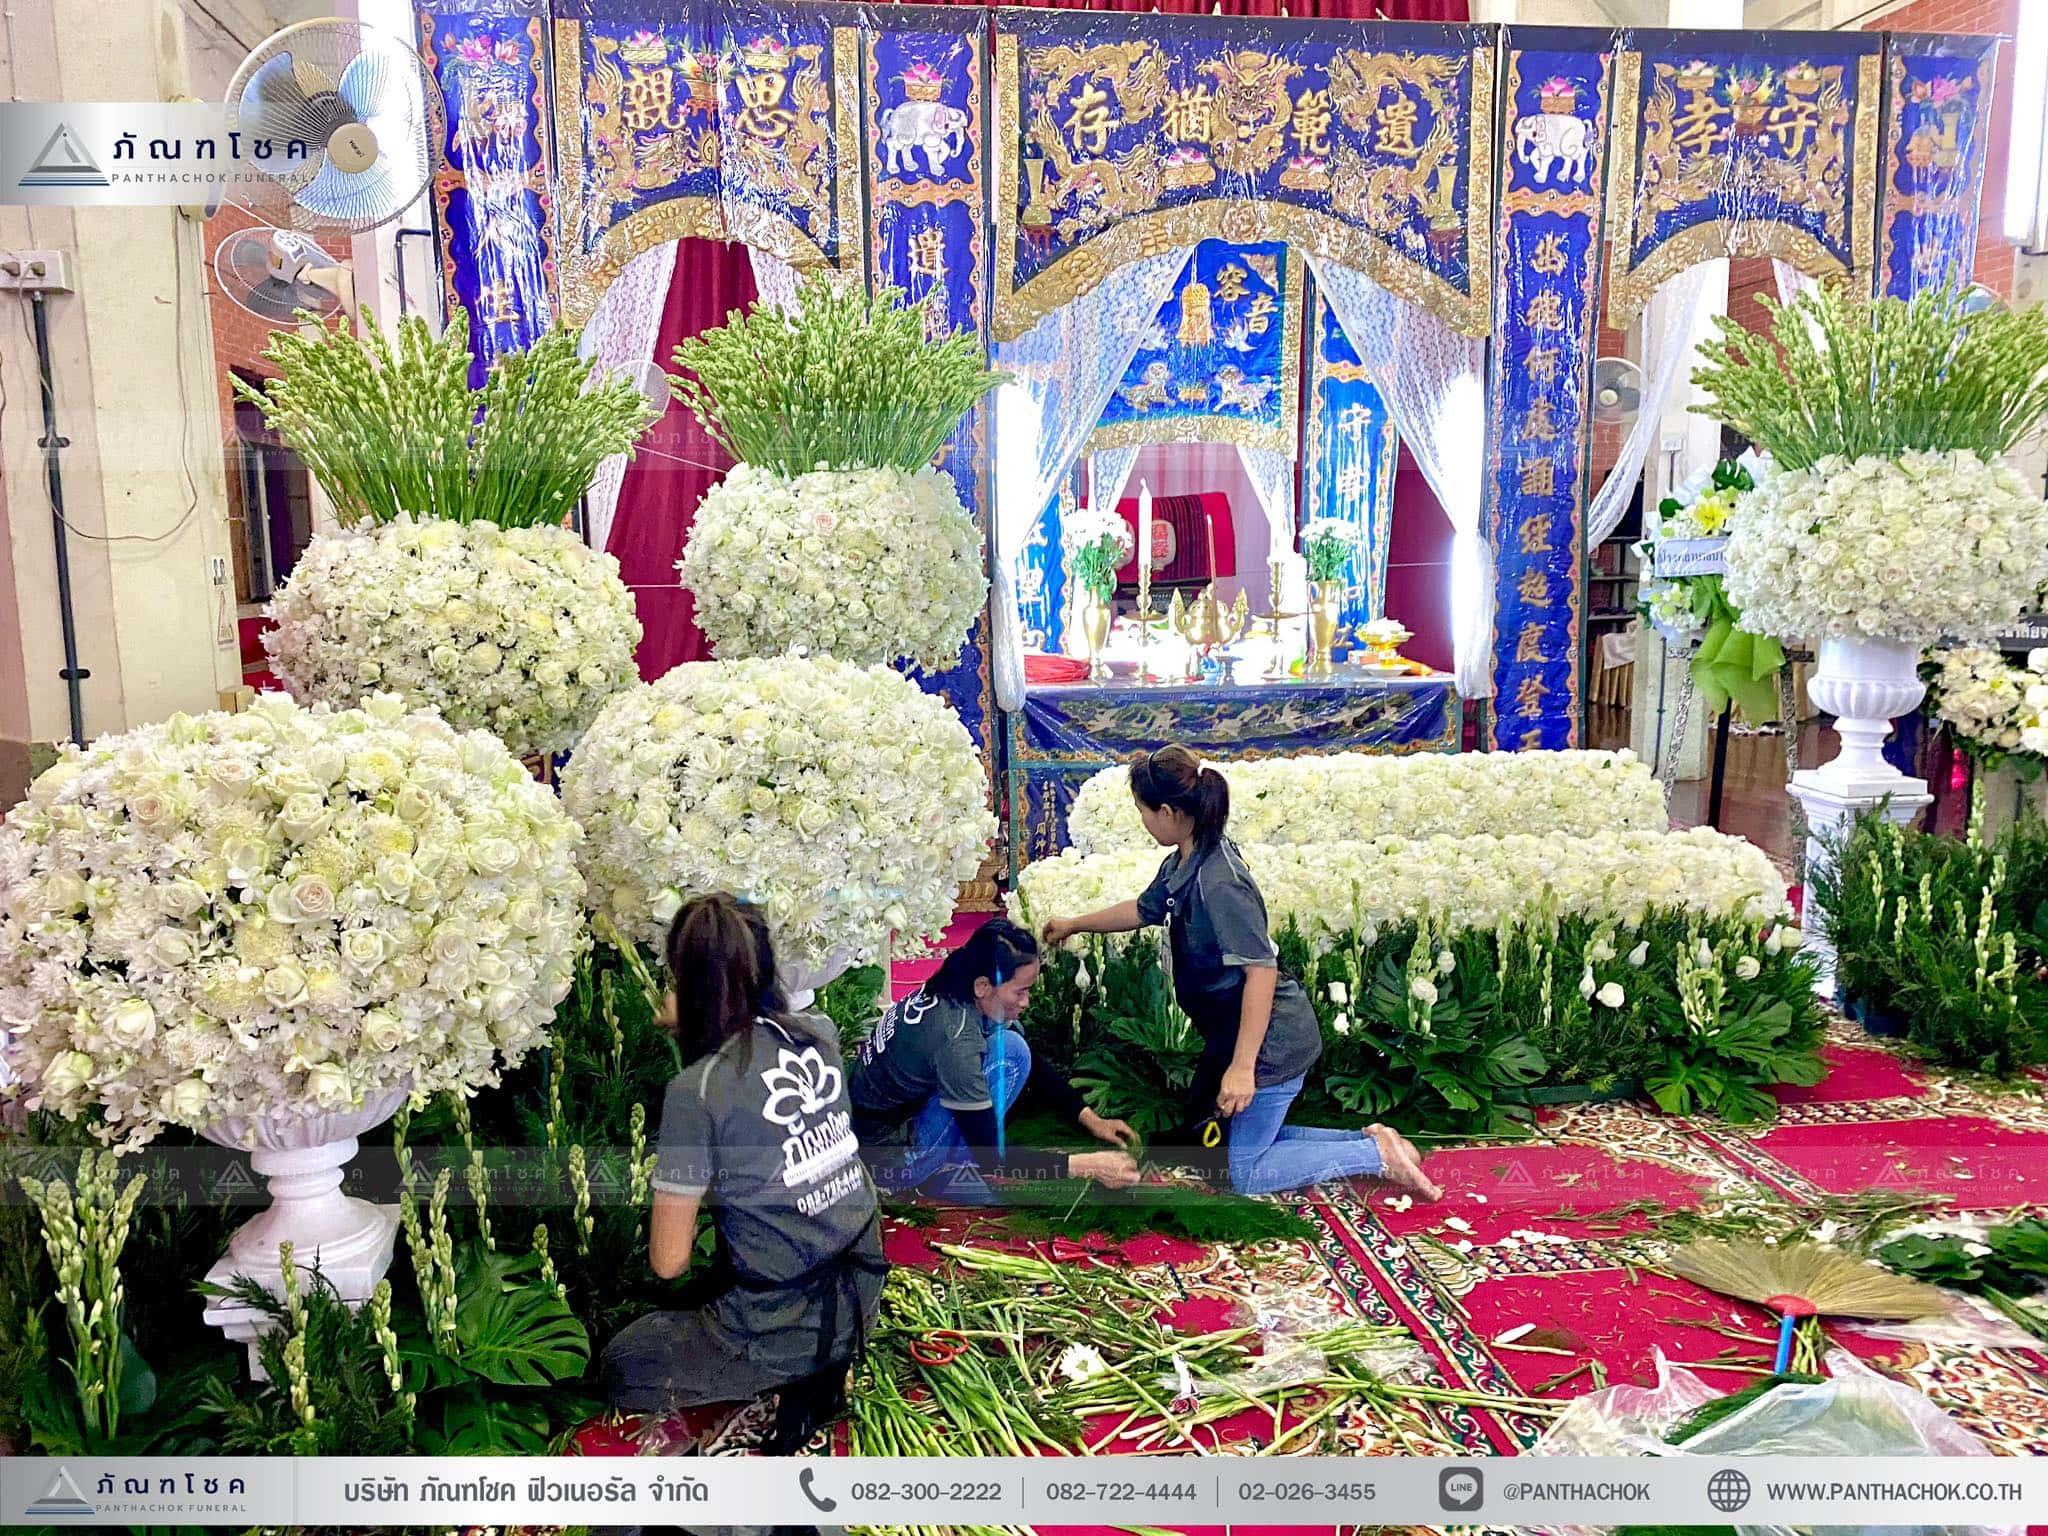 ดอกไม้ประดับหน้าฉากกงเต๊ก ณ วัดลาดบัวหลวง พระนครศรีอยุธยา 2